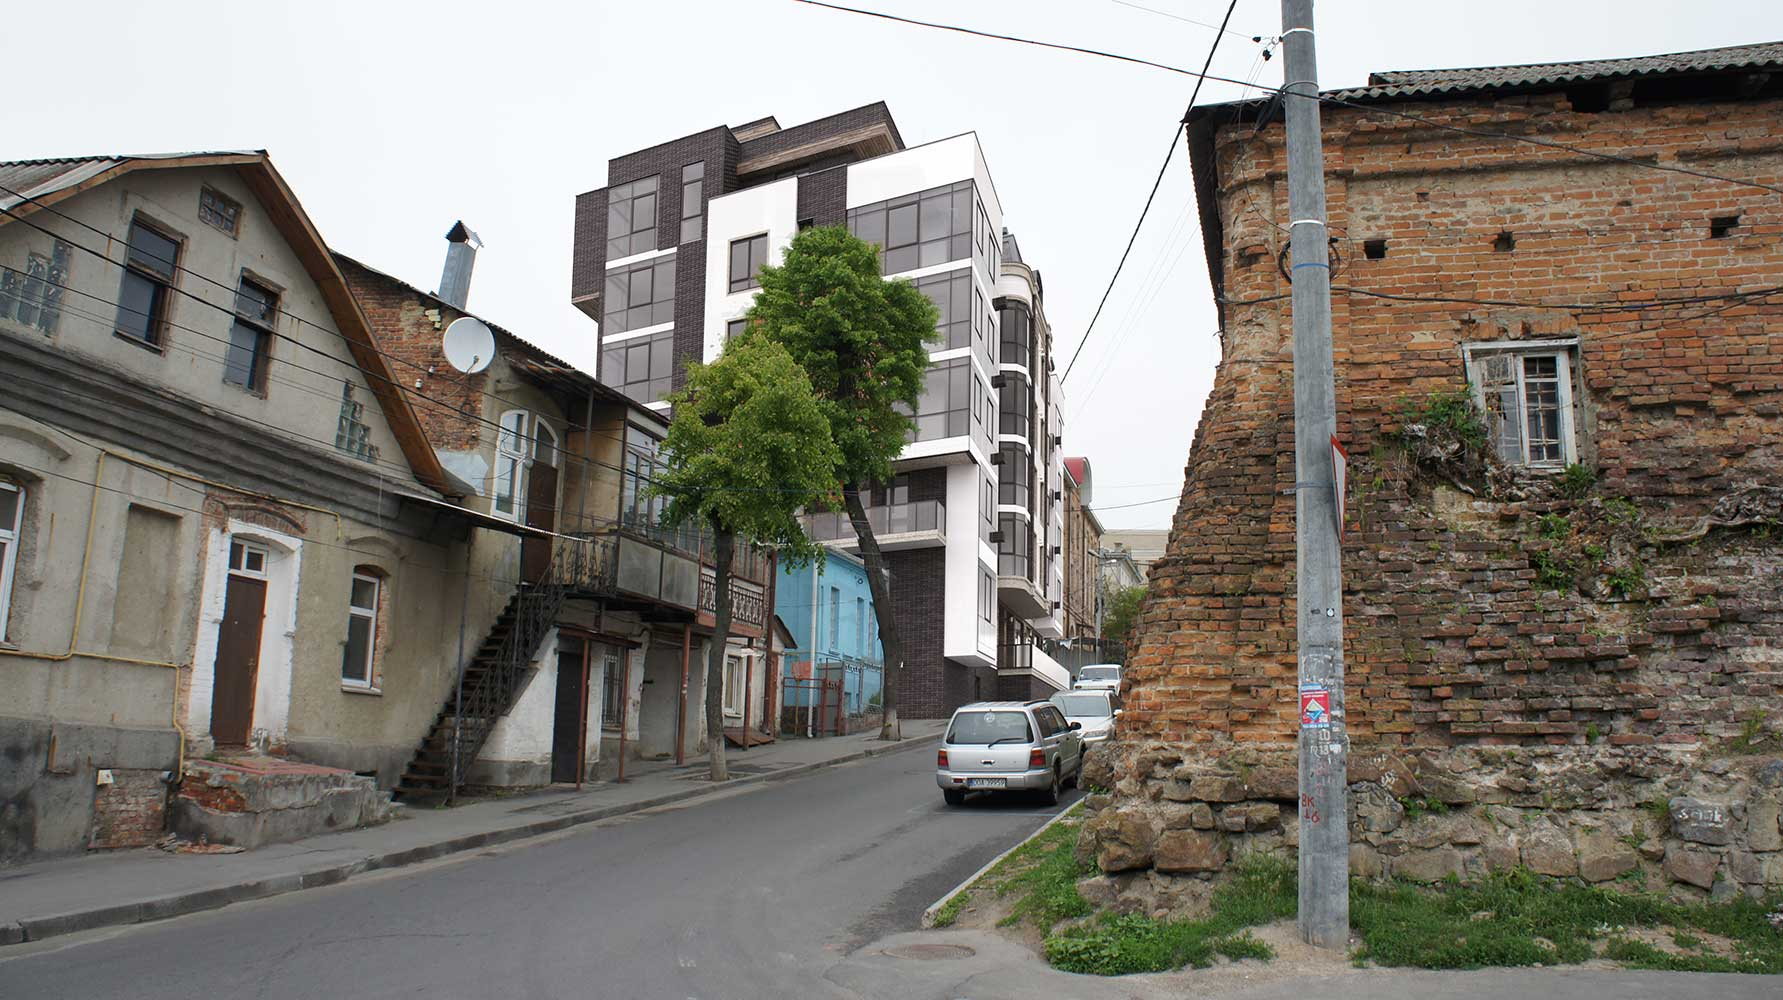 Многоквартирный жилой дом со встроенными помещениями общественного назначения (фото 2)